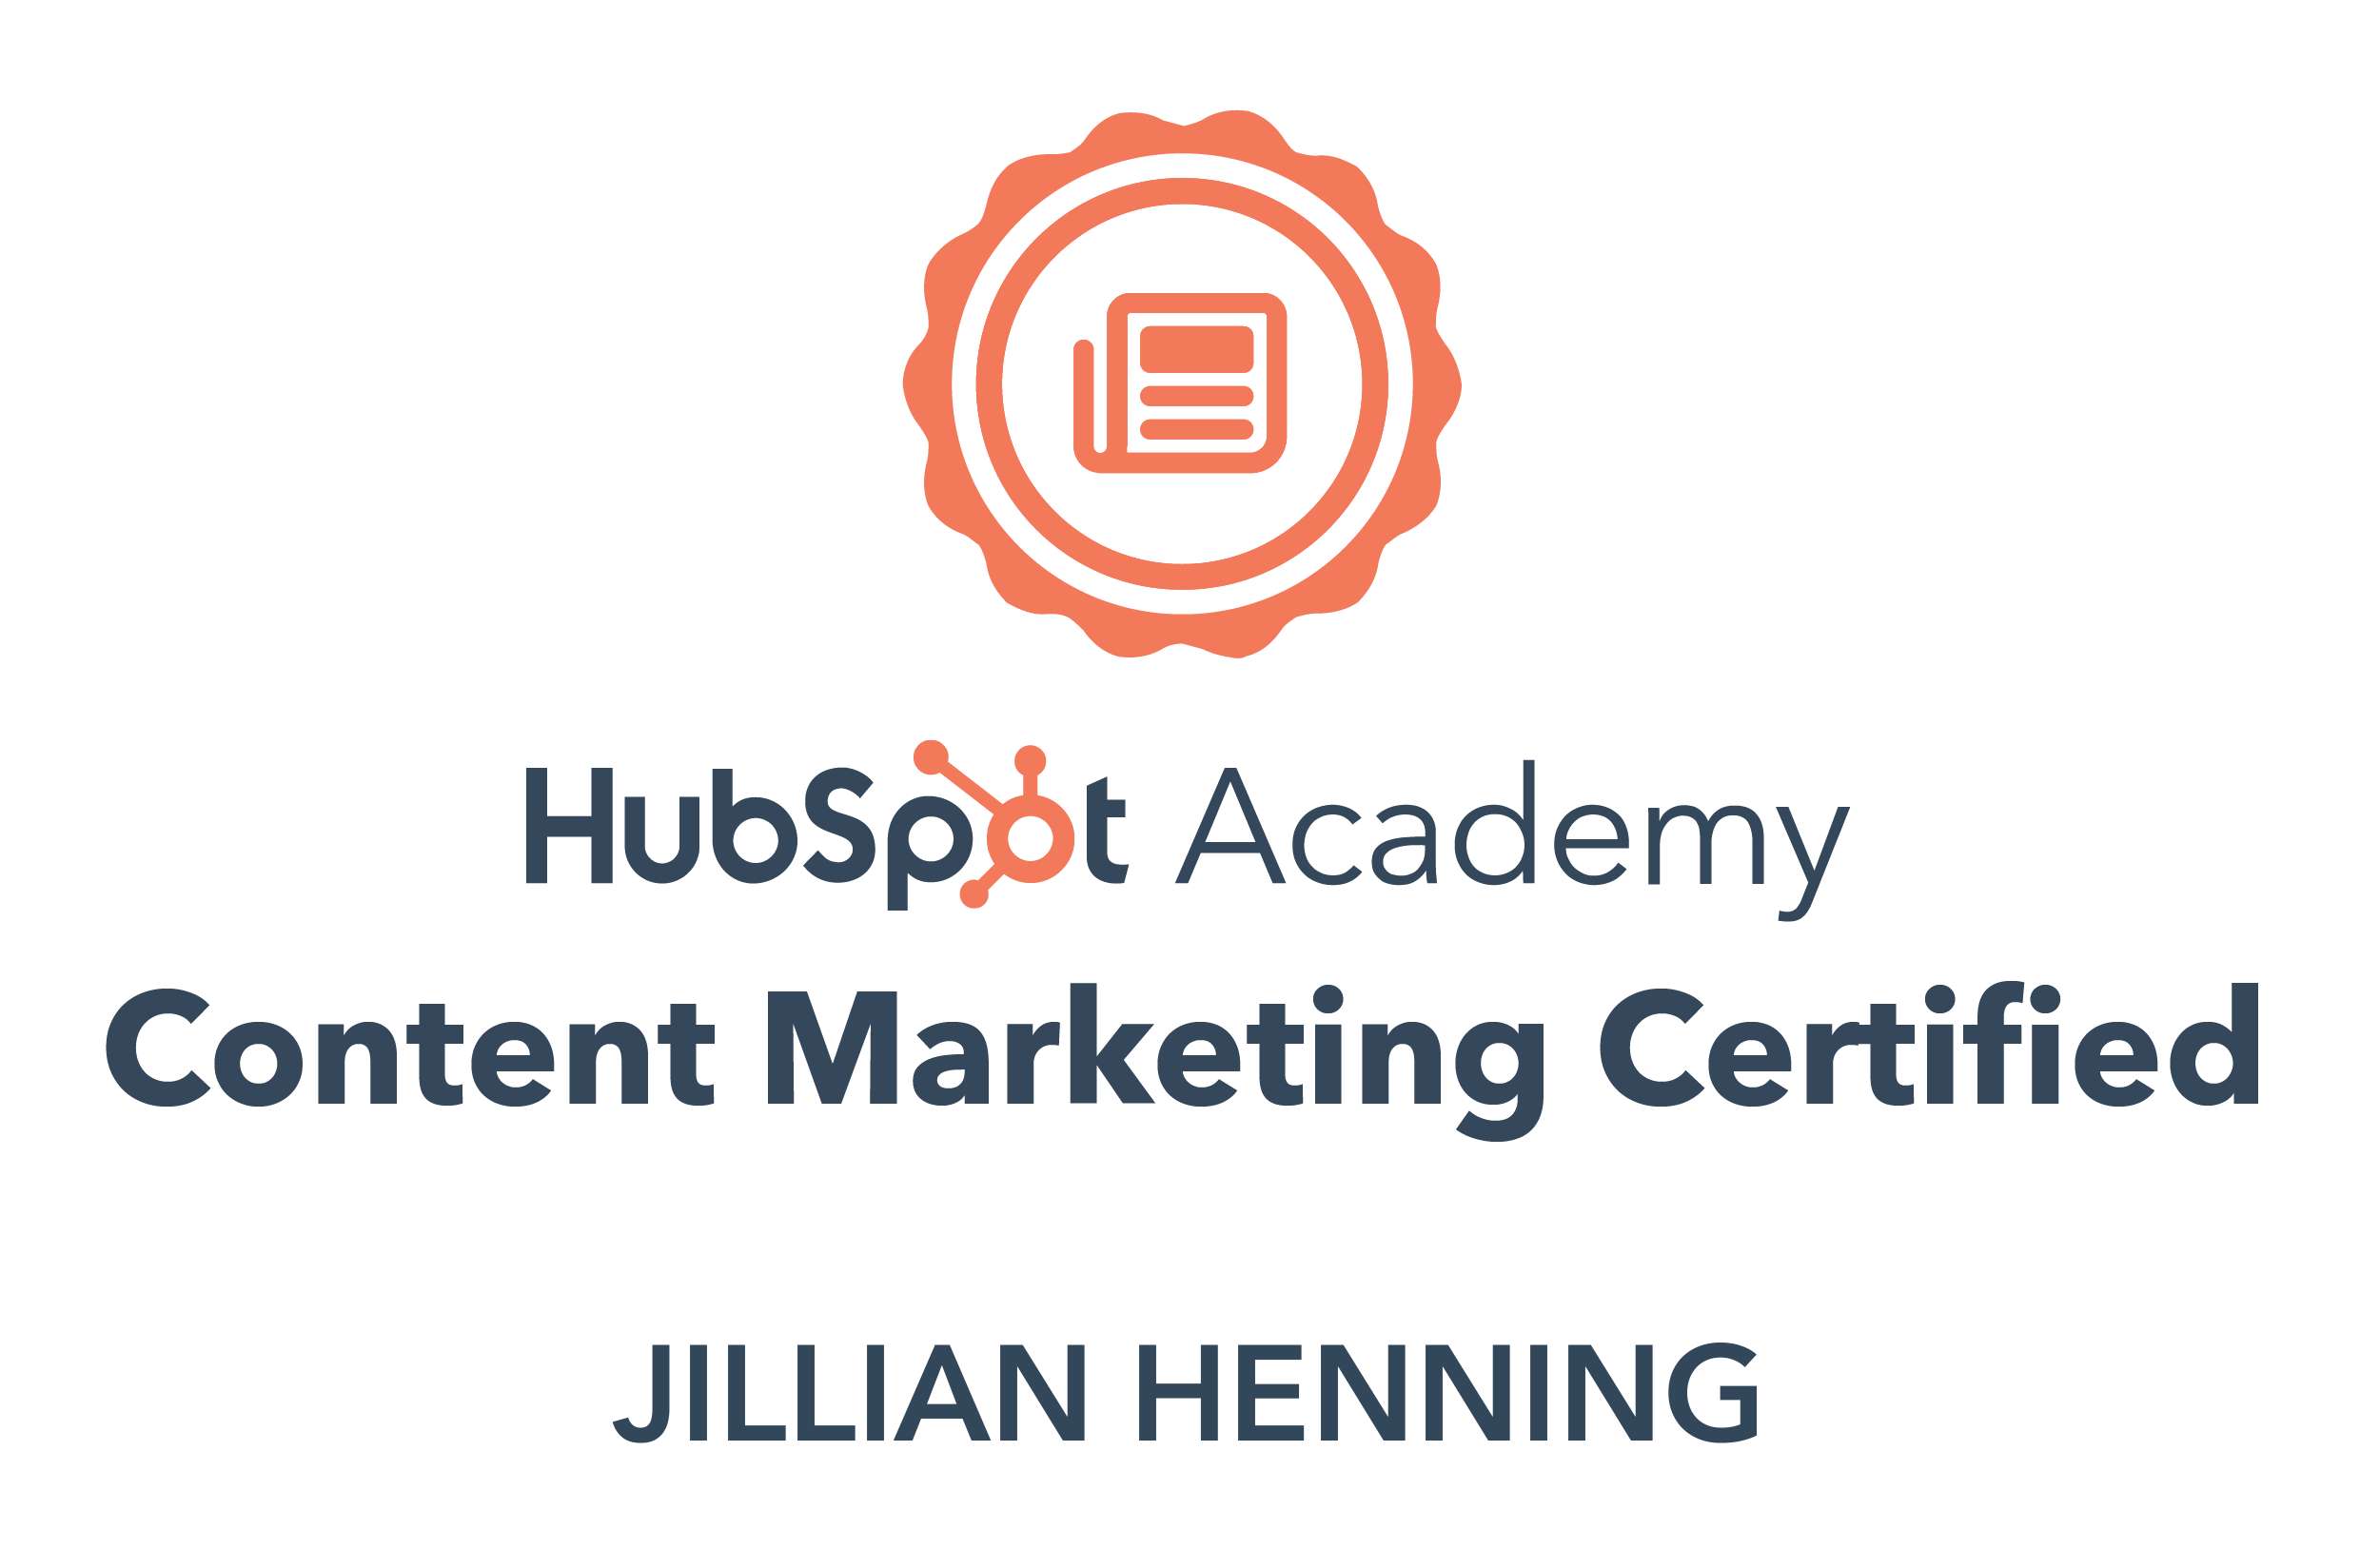 Content Marketing Certified Hubspot Academy